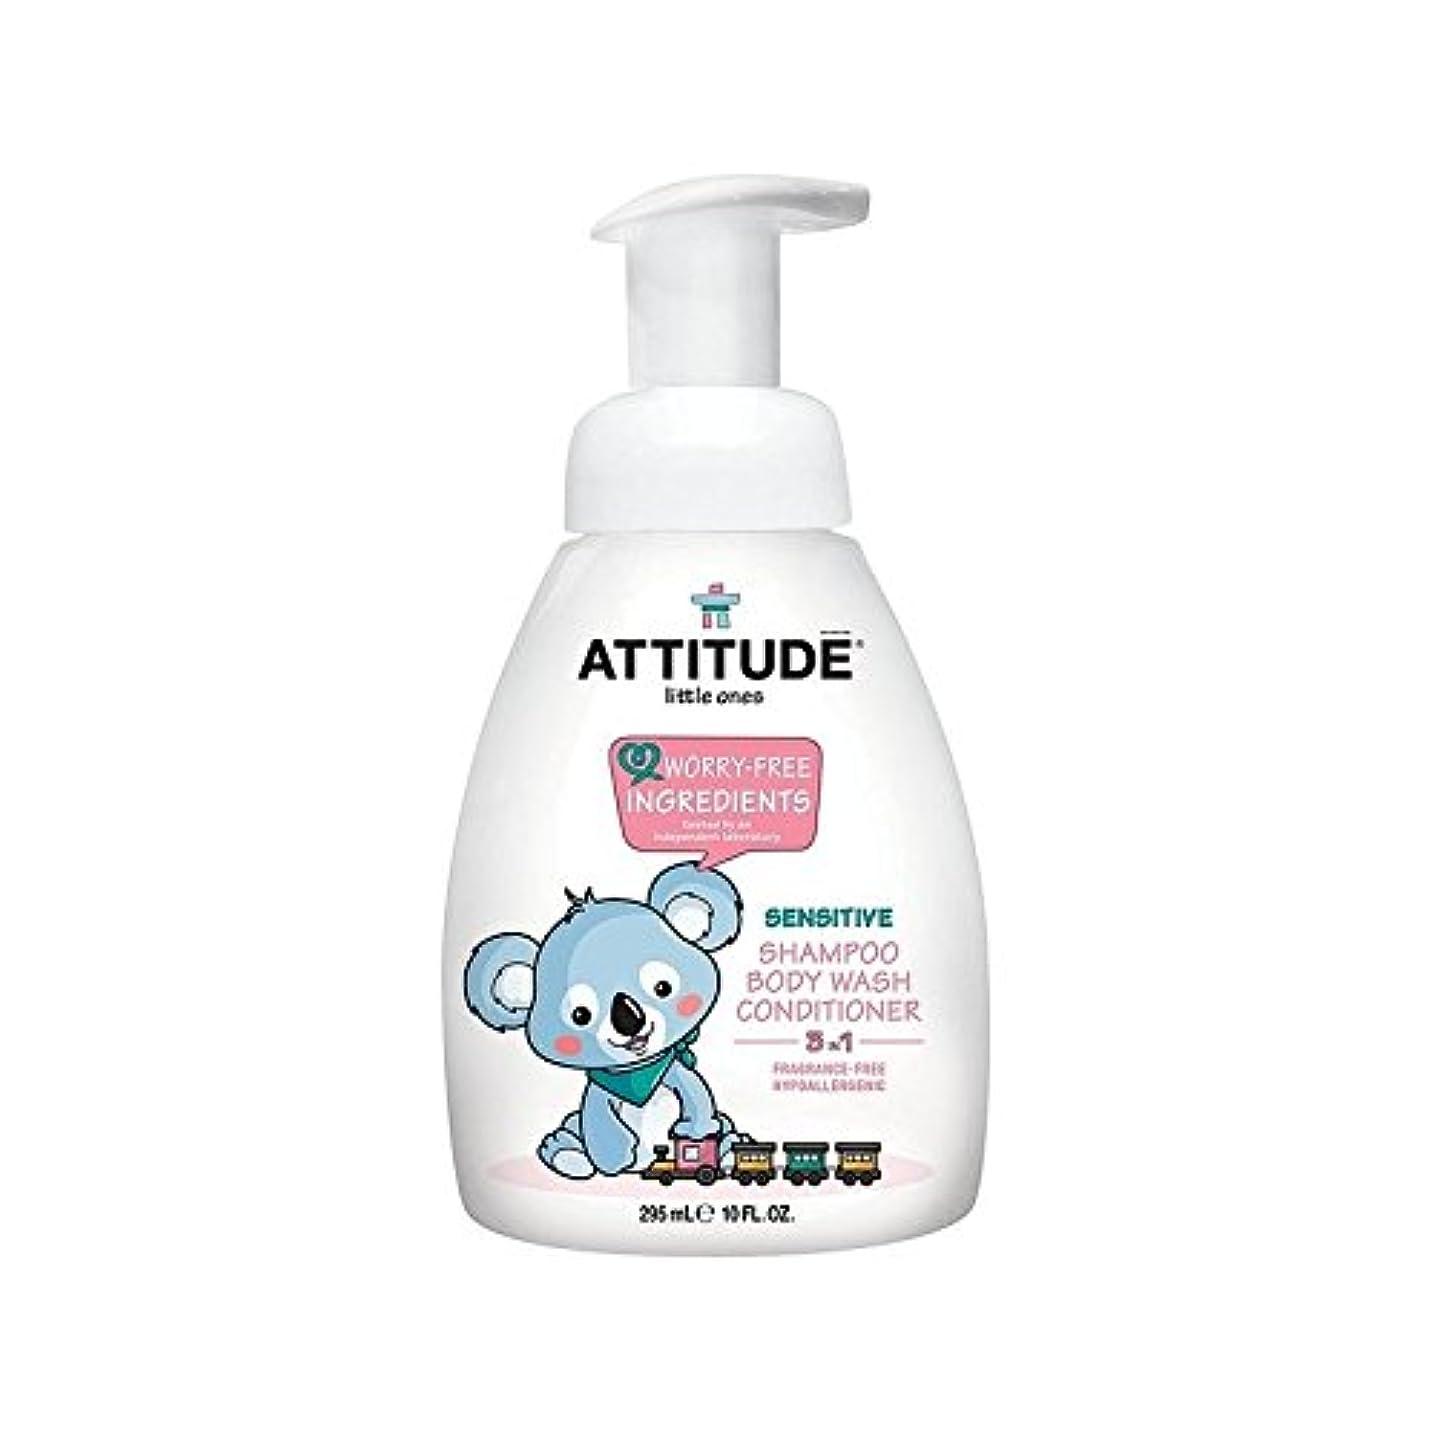 エスカレータージム賄賂小さなもの3 1シャンプーシャワーコンディショナーポンプ無香料295ミリリットル (Attitude) (x 2) - Attitude Little Ones 3 in 1 Shampoo Shower Conditioner Pump Fragrance Free 295ml (Pack of 2) [並行輸入品]